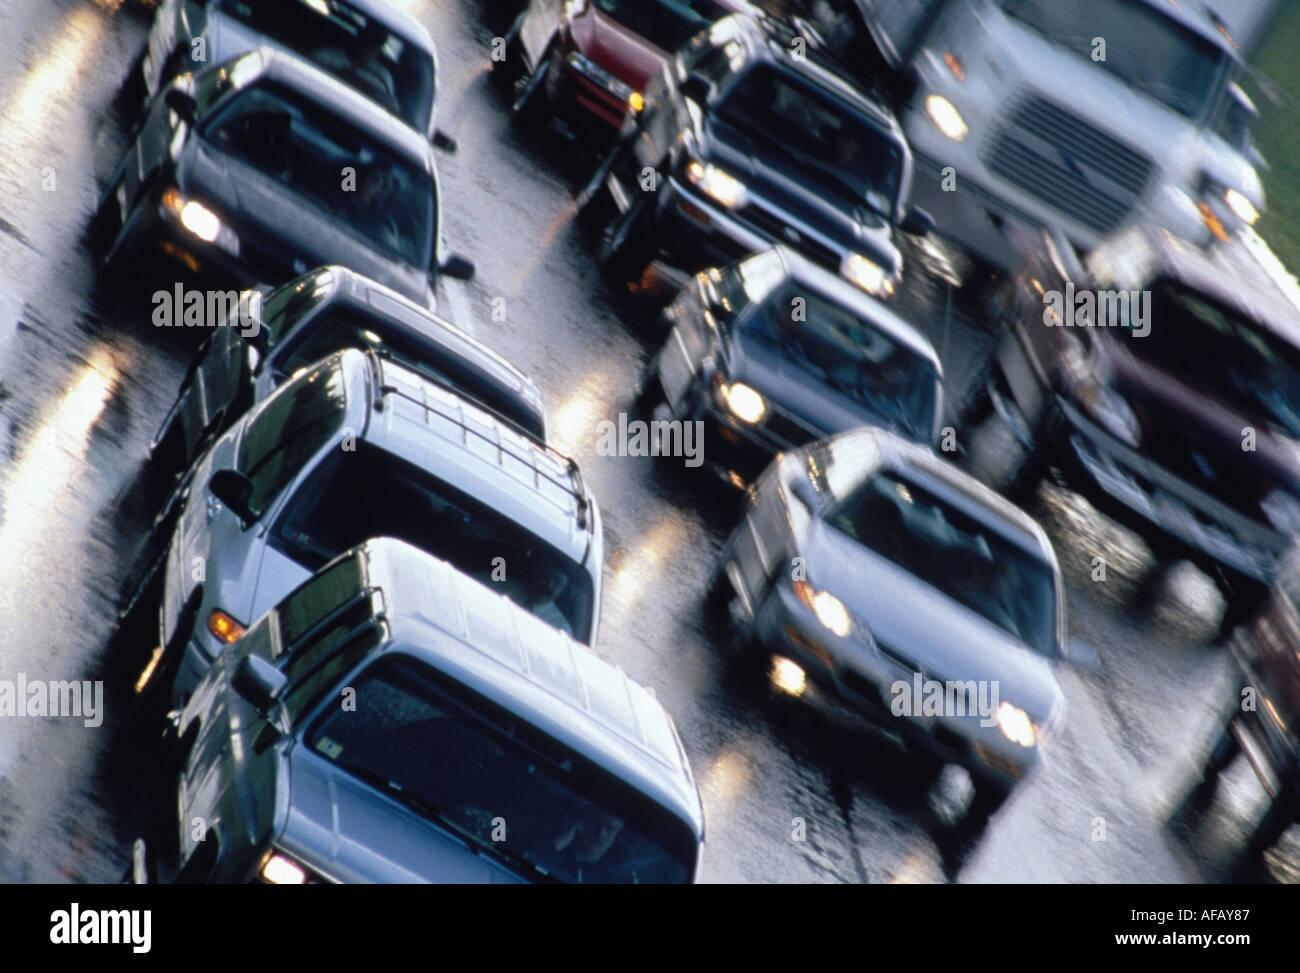 Autos im Feierabendverkehr im Regen Stockbild